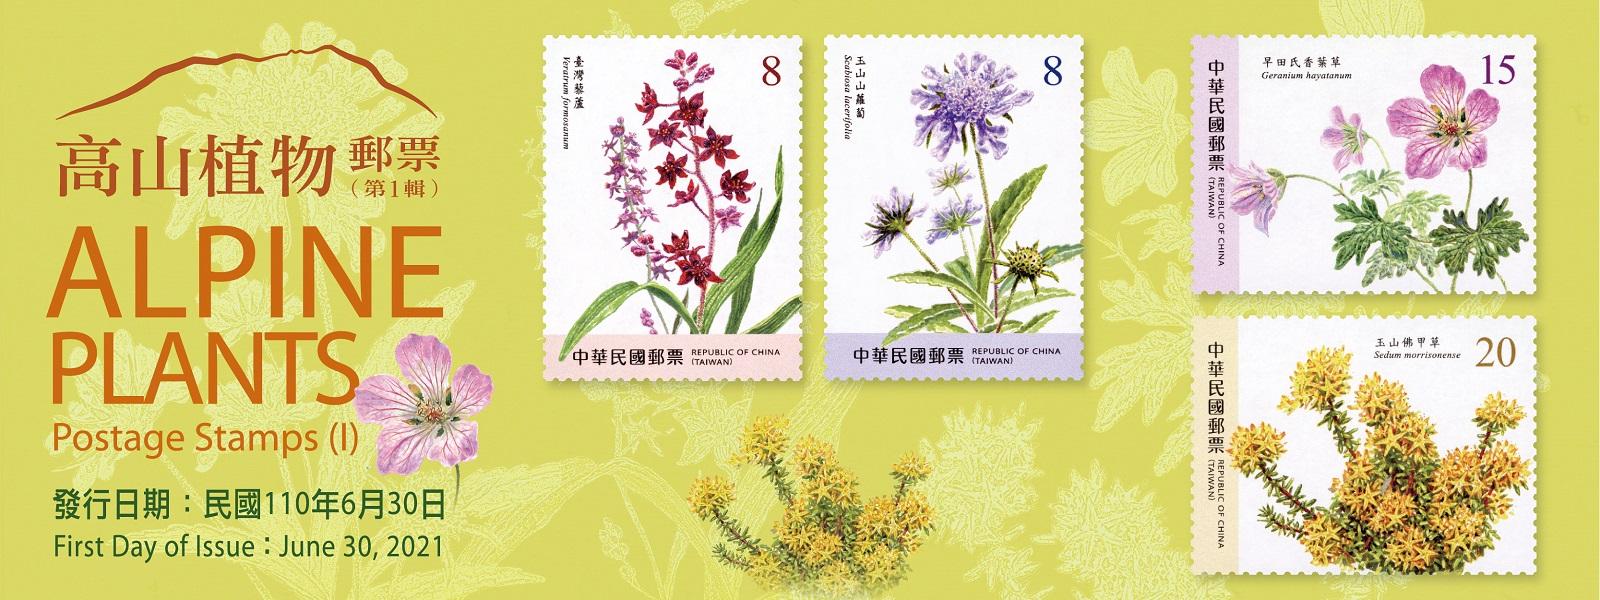 為介紹臺灣高山植物之美,增進國人重視生態保育,本公司特規劃系列郵票,首輯1套4枚。